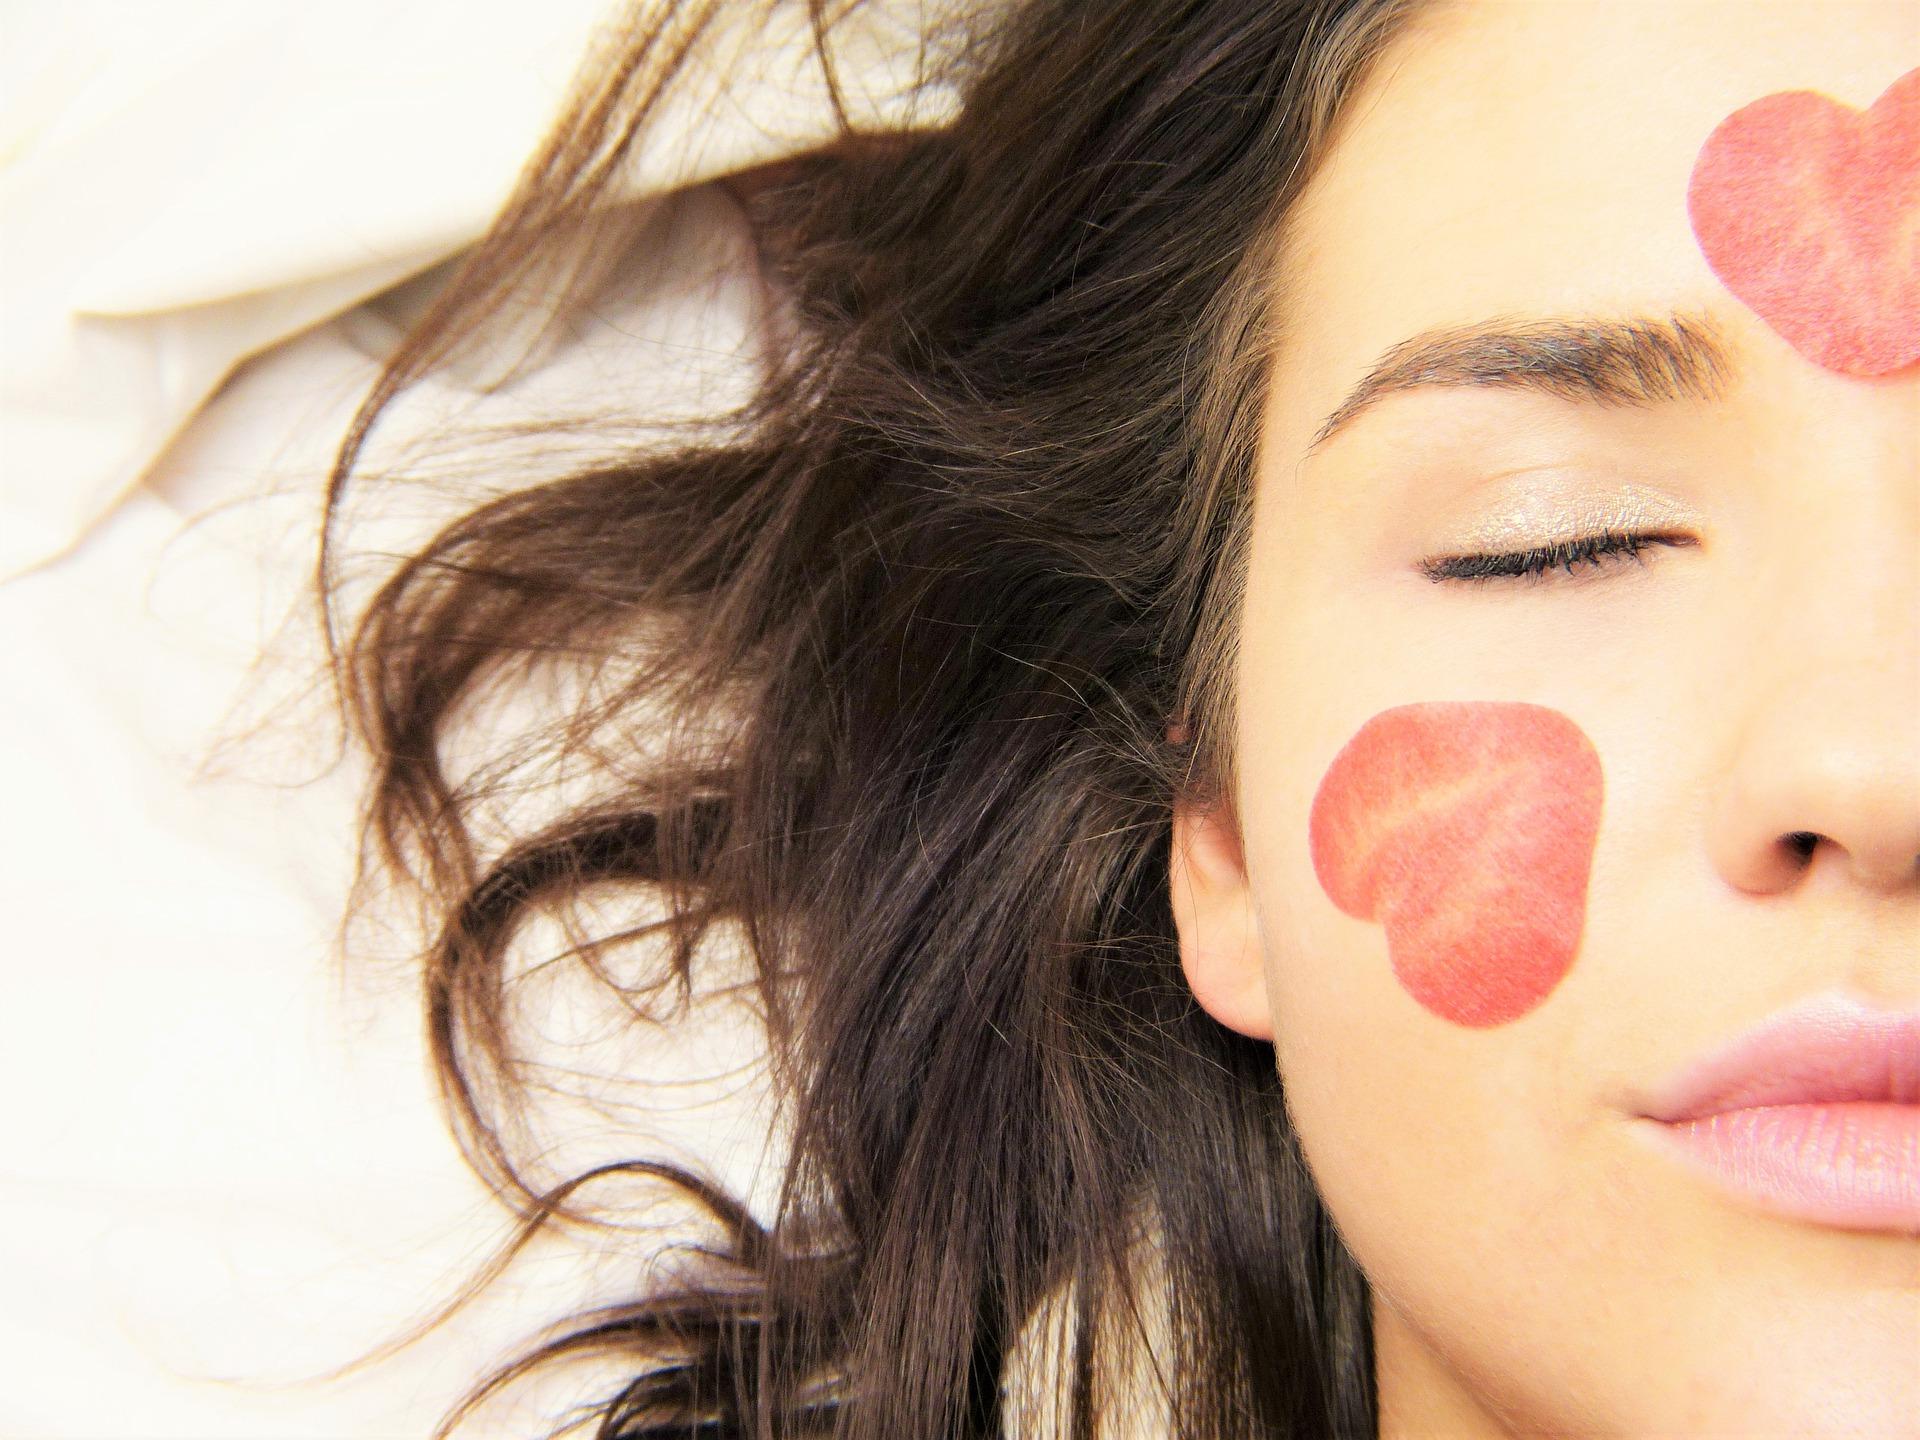 スピリチュアル美容法!美肌効果のあるスピリチュアルワークとは?